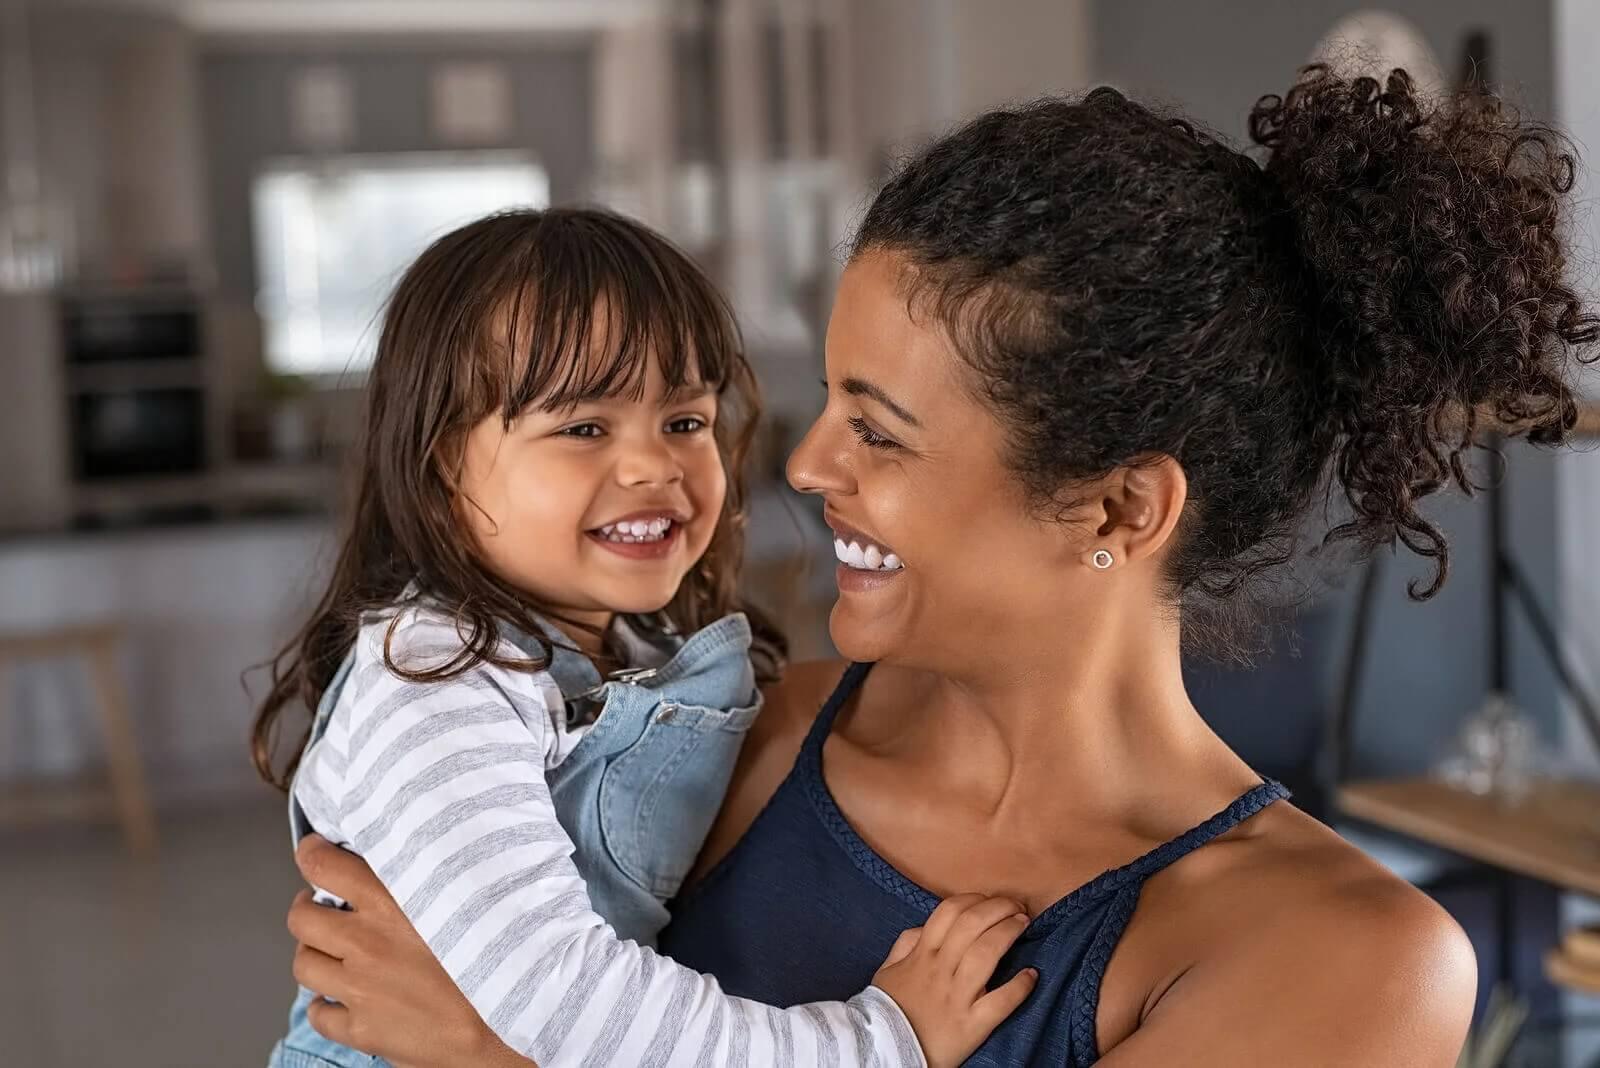 Mãe abraçando a filha e dizendo frases para expressar amor.